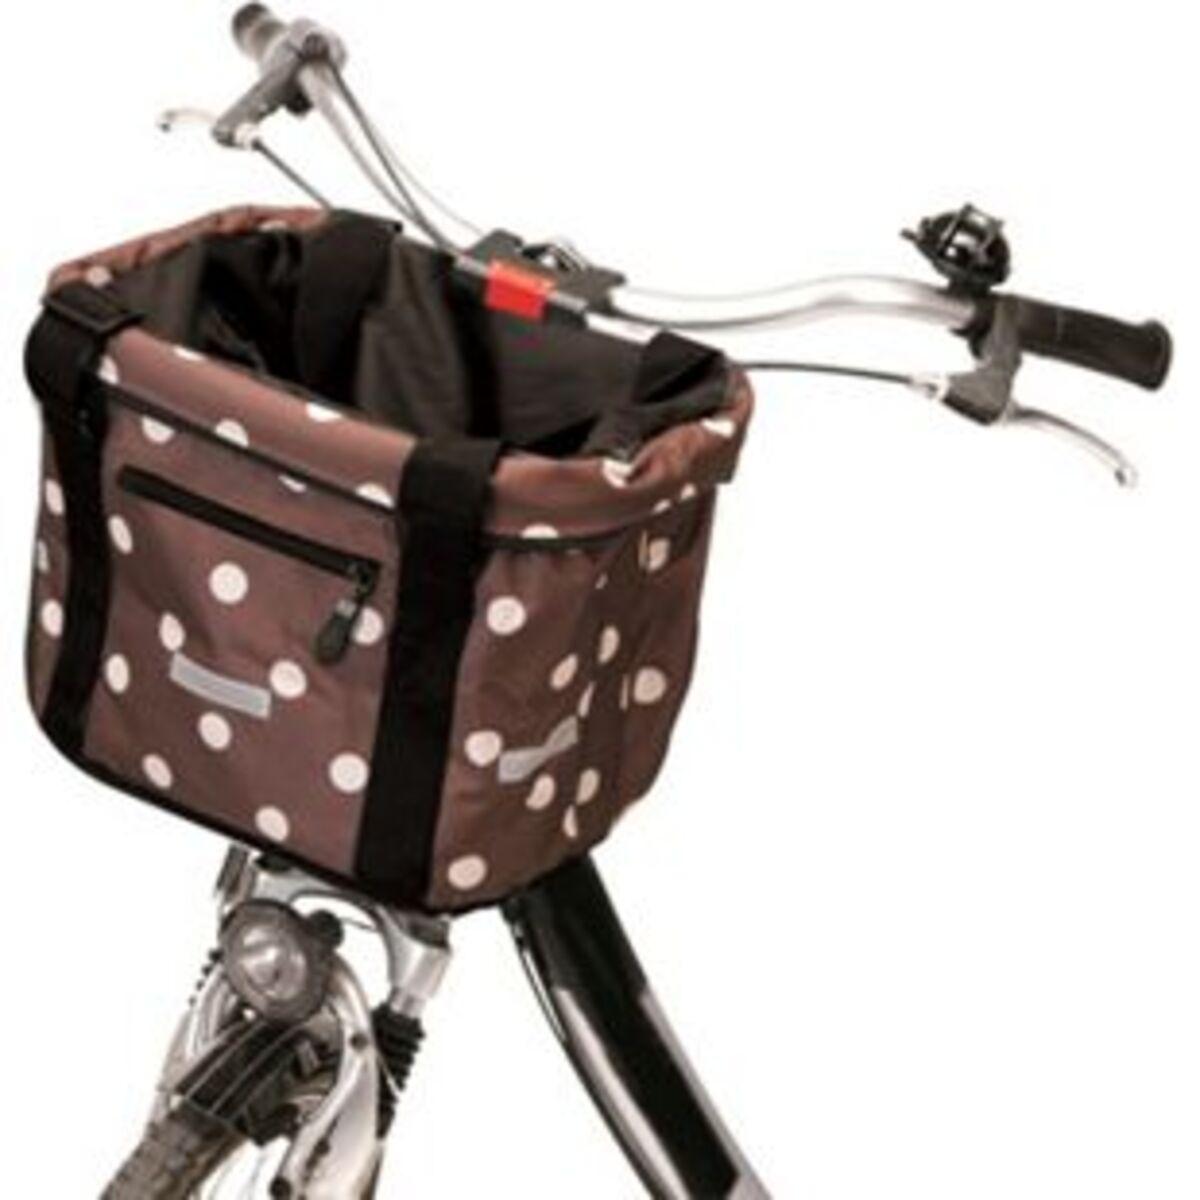 Bild 2 von Faltbarer Fahrradkorb Braun mit Punkten